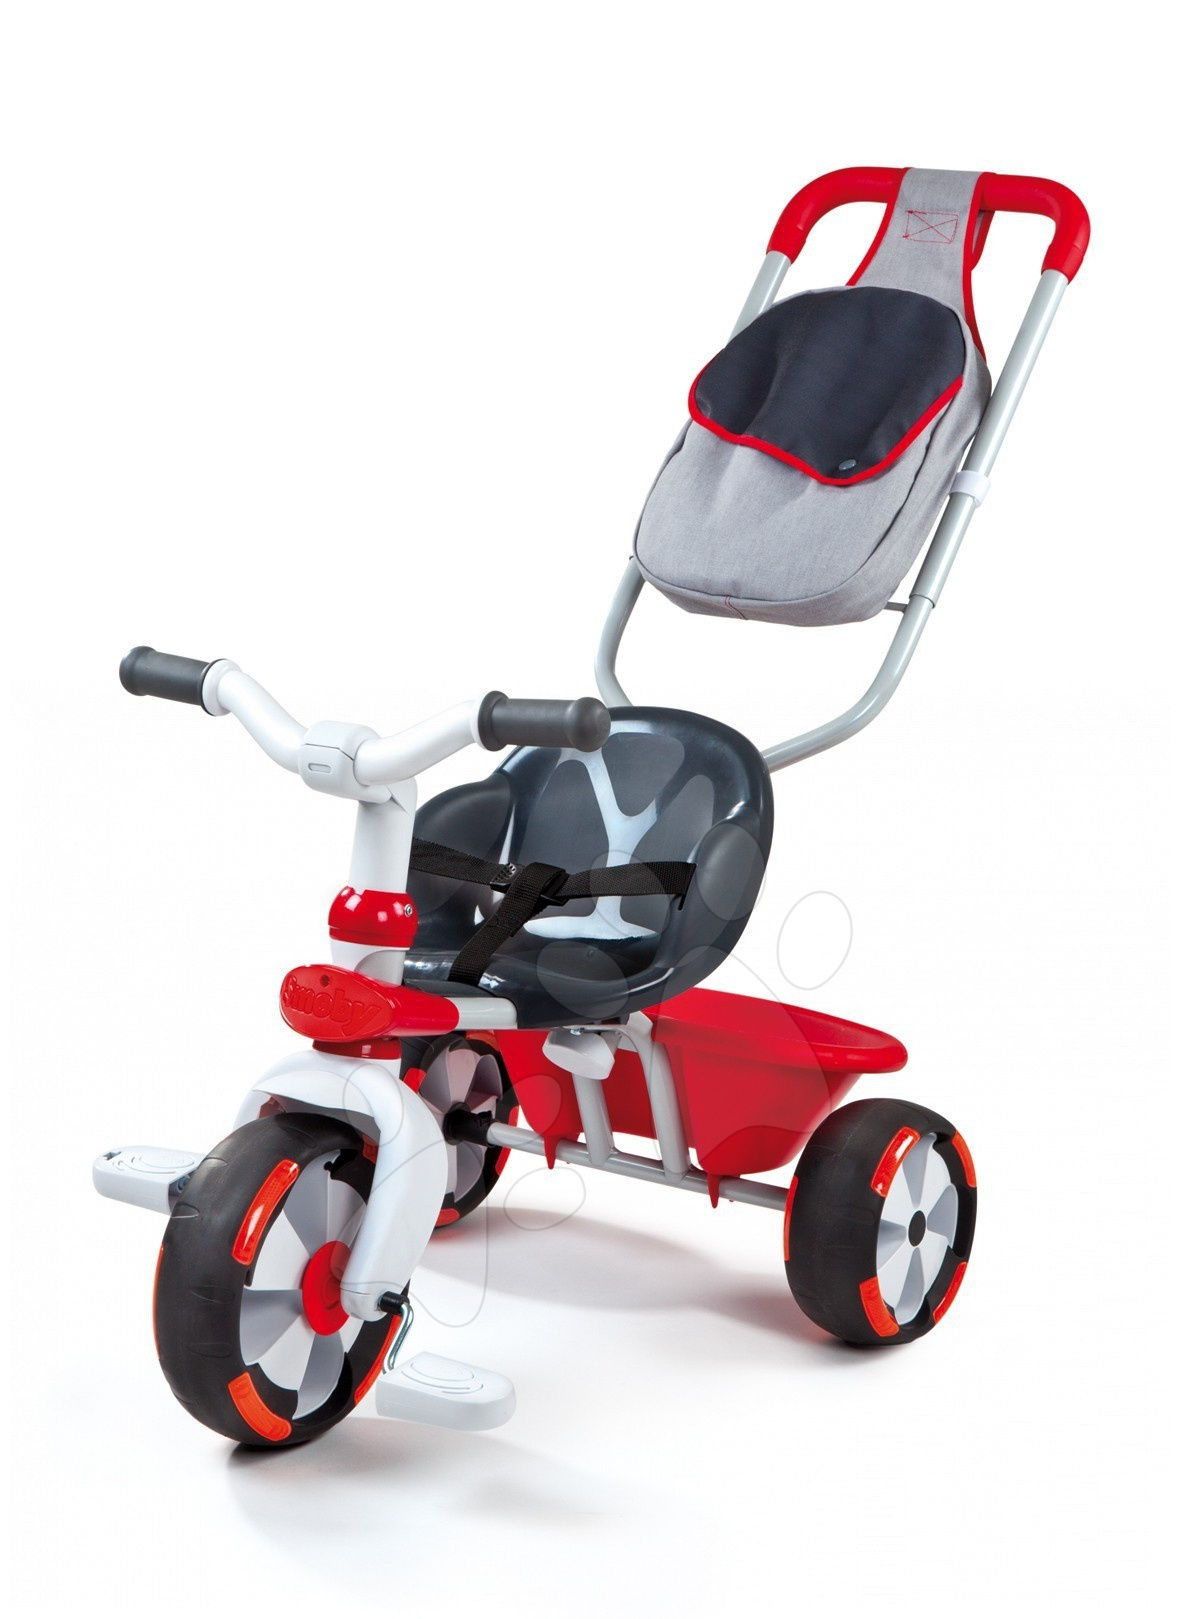 Stari vnosi - Smoby 434111 TRICIKEL Baby Driver červená, vodiaca tyč ovláda predné koleso, 70*50*52 cm od 12 mes